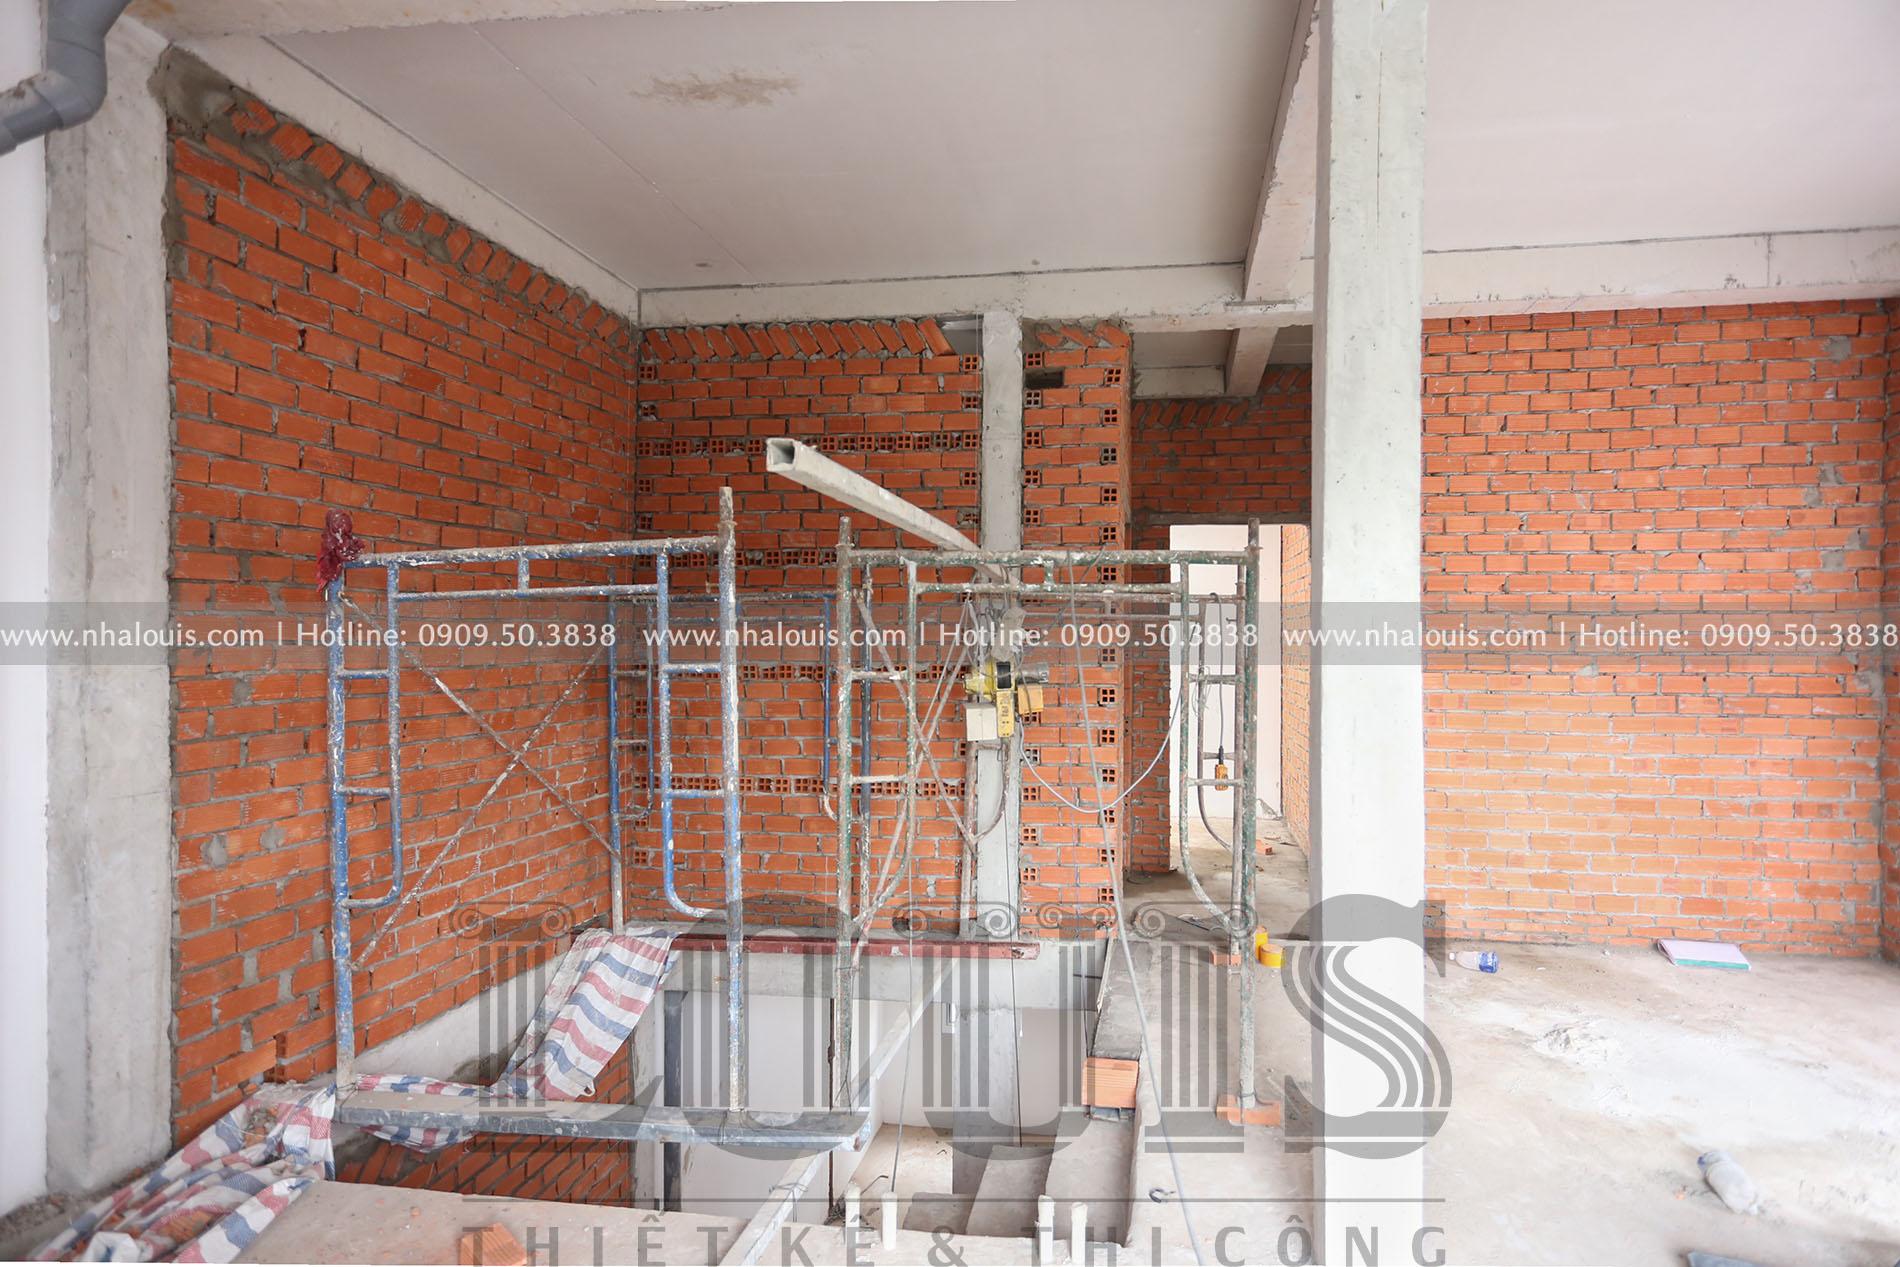 Thi công hoàn thiện nội thất biệt thự hiện đại 3 tầng đẳng cấp tại Quận 9